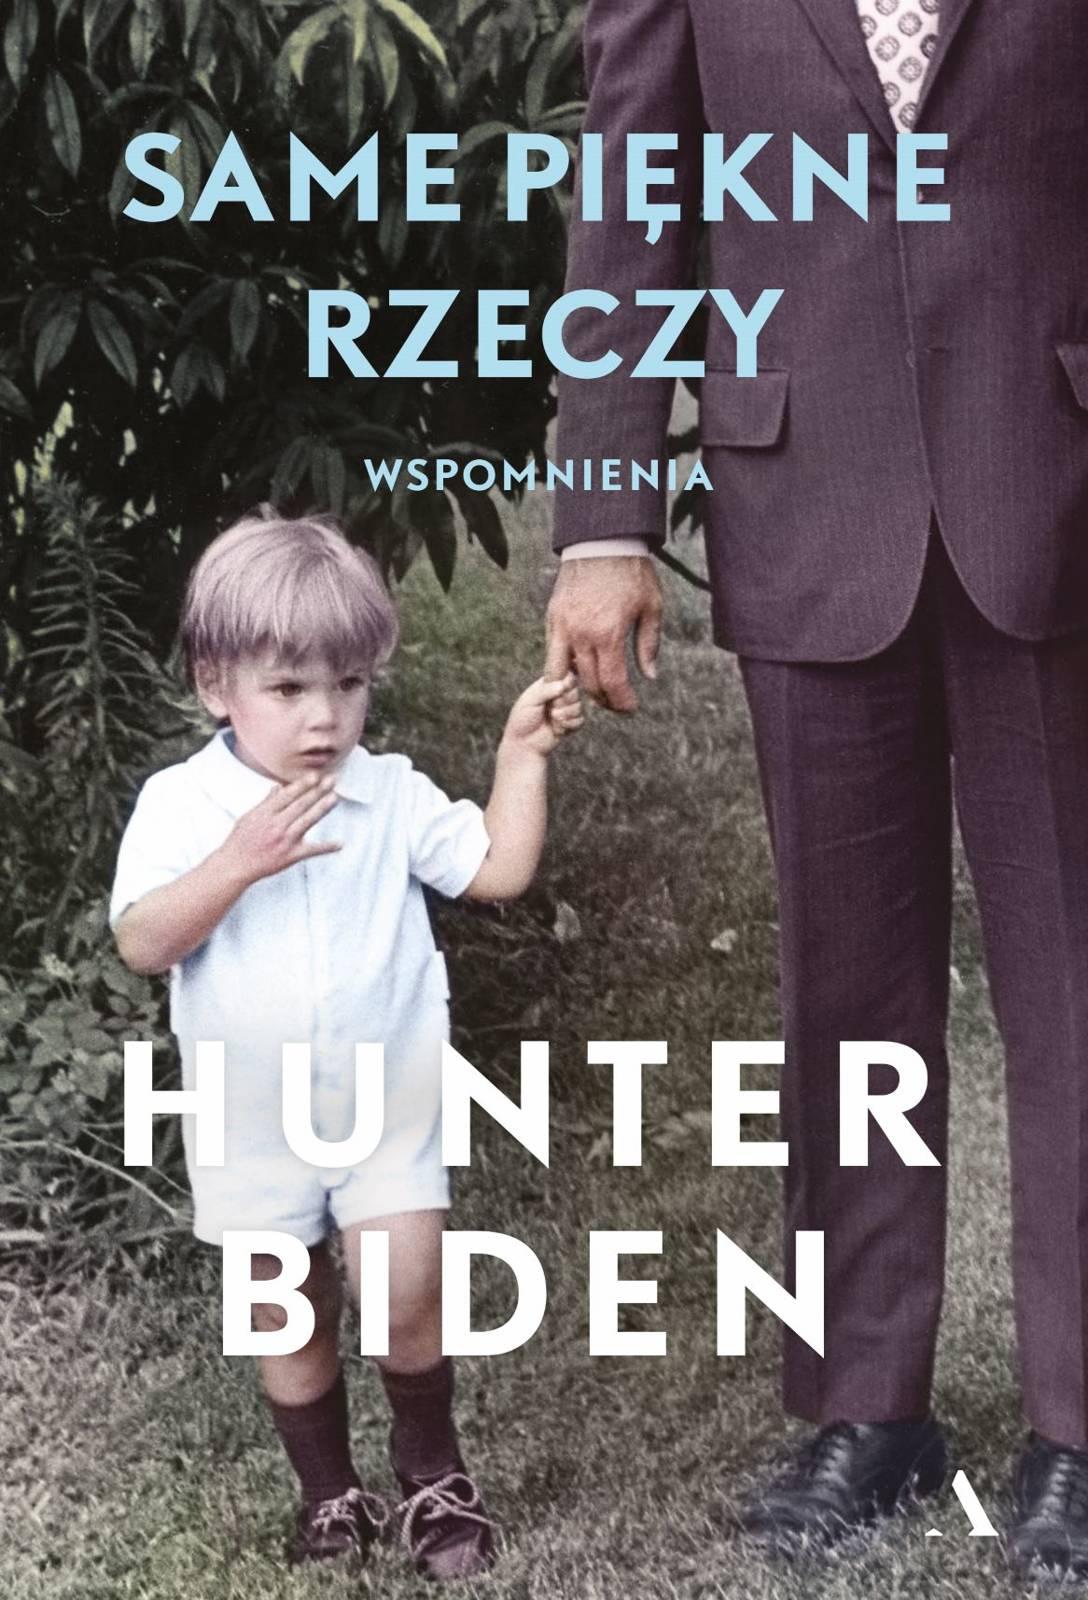 Same piękne rzeczy Wspomnienia Hunter Biden